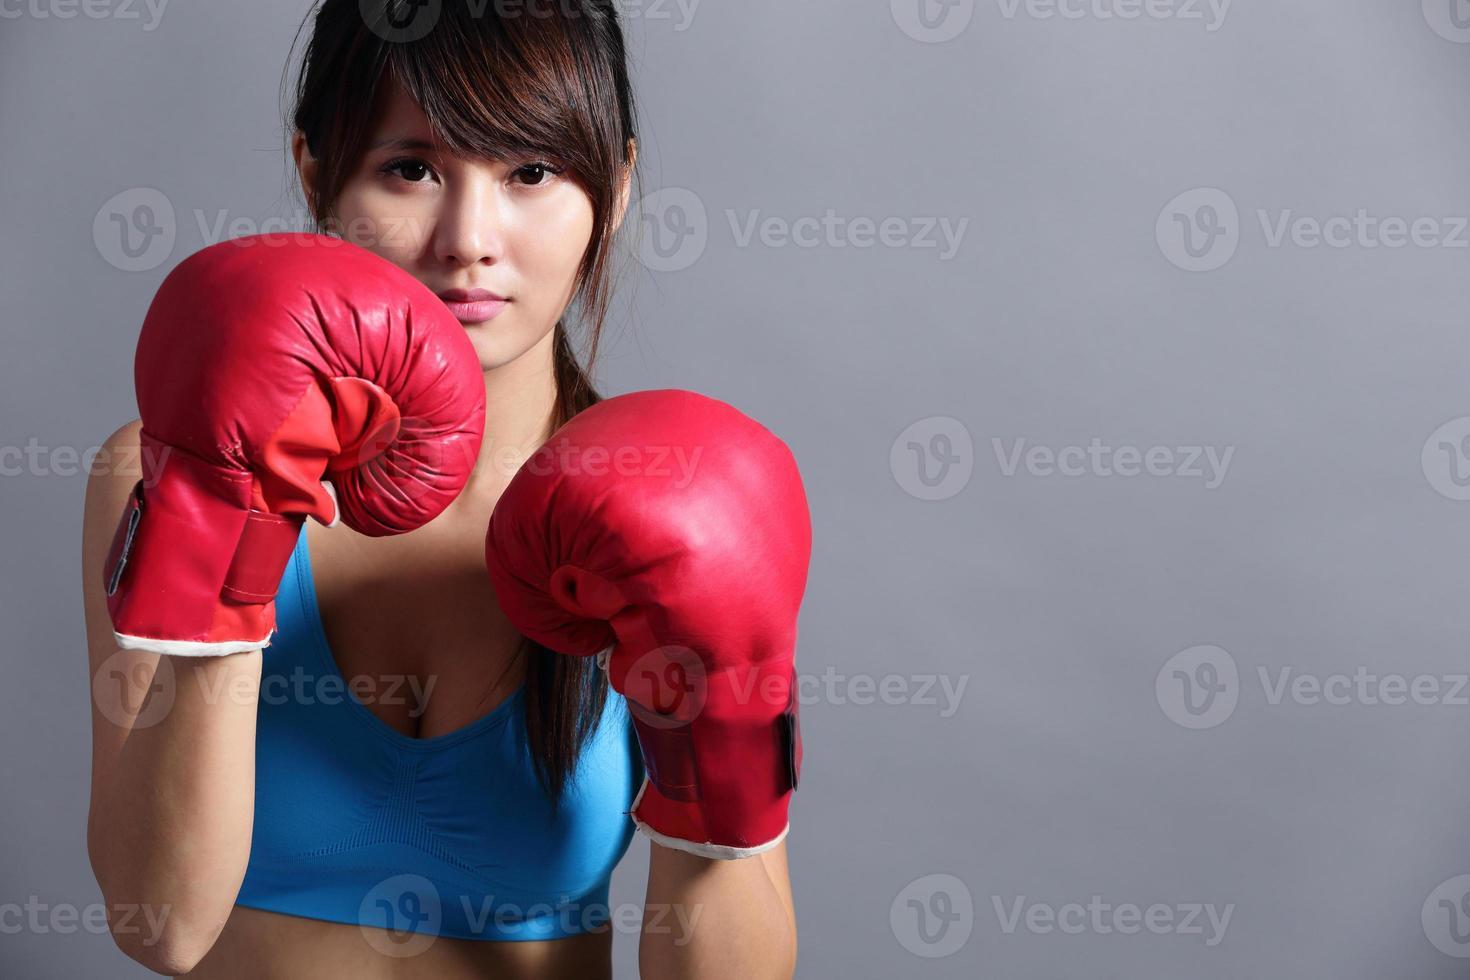 donna di boxe foto